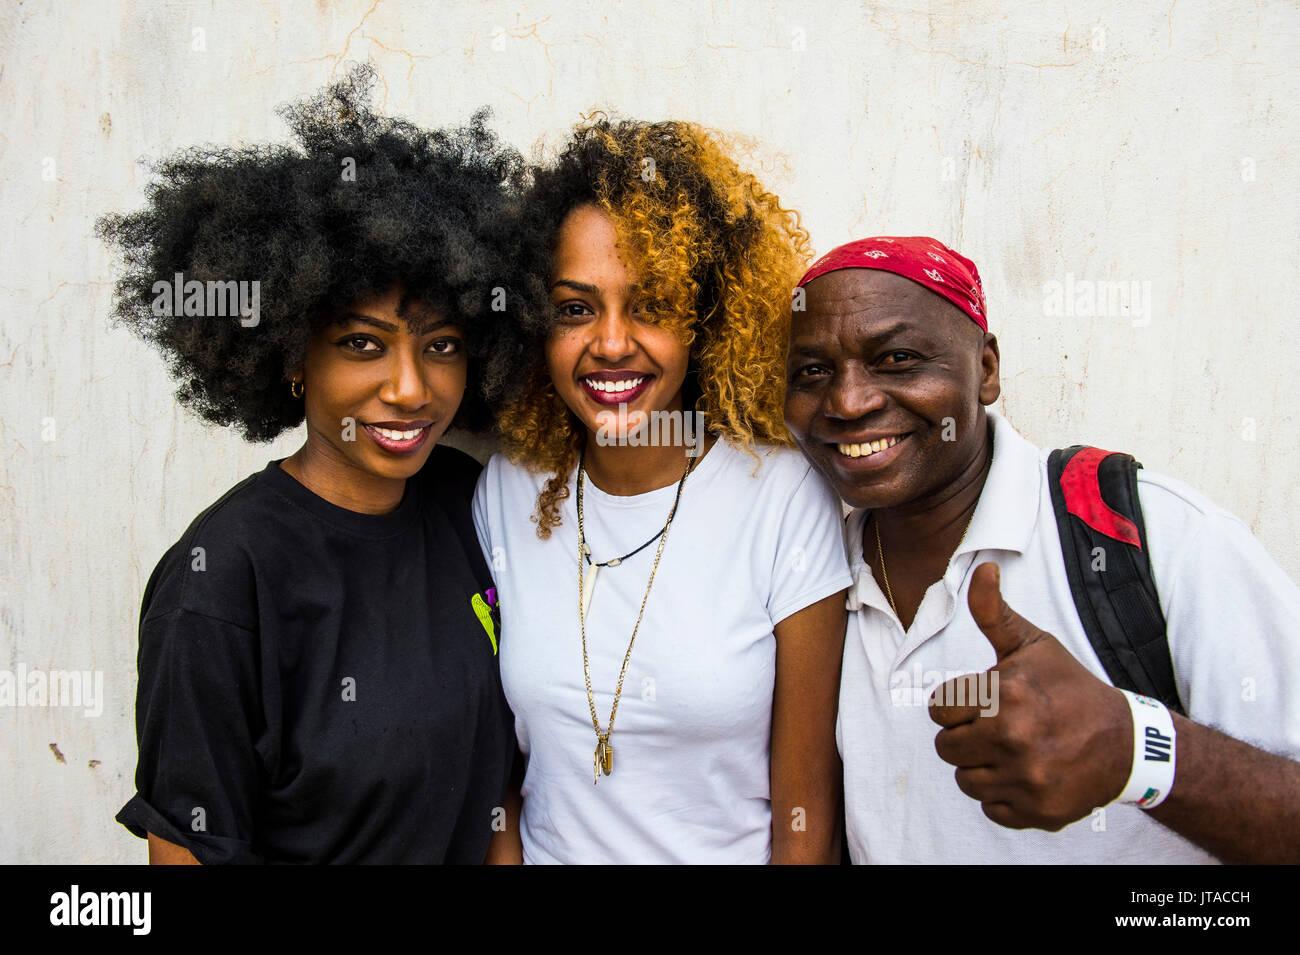 Les sections locales qui pose pour la caméra, Bujumbura, Burundi, Afrique Photo Stock